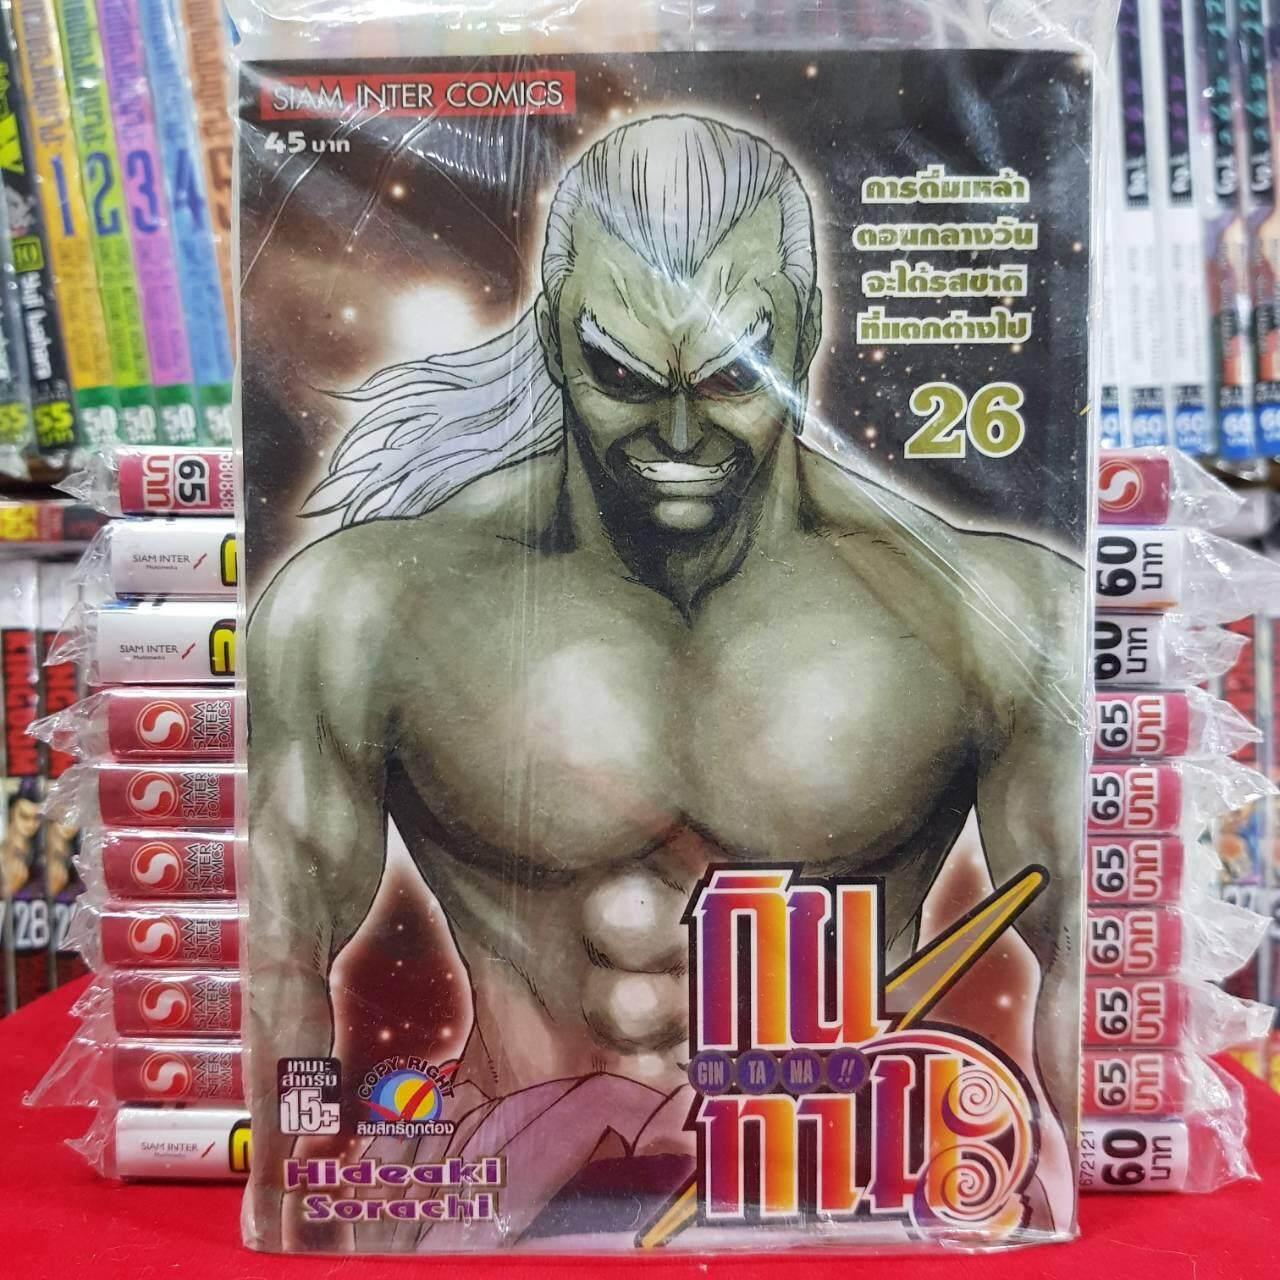 หนังสือการ์ตูน GINTAMA กินทามะ เล่มที่ 26